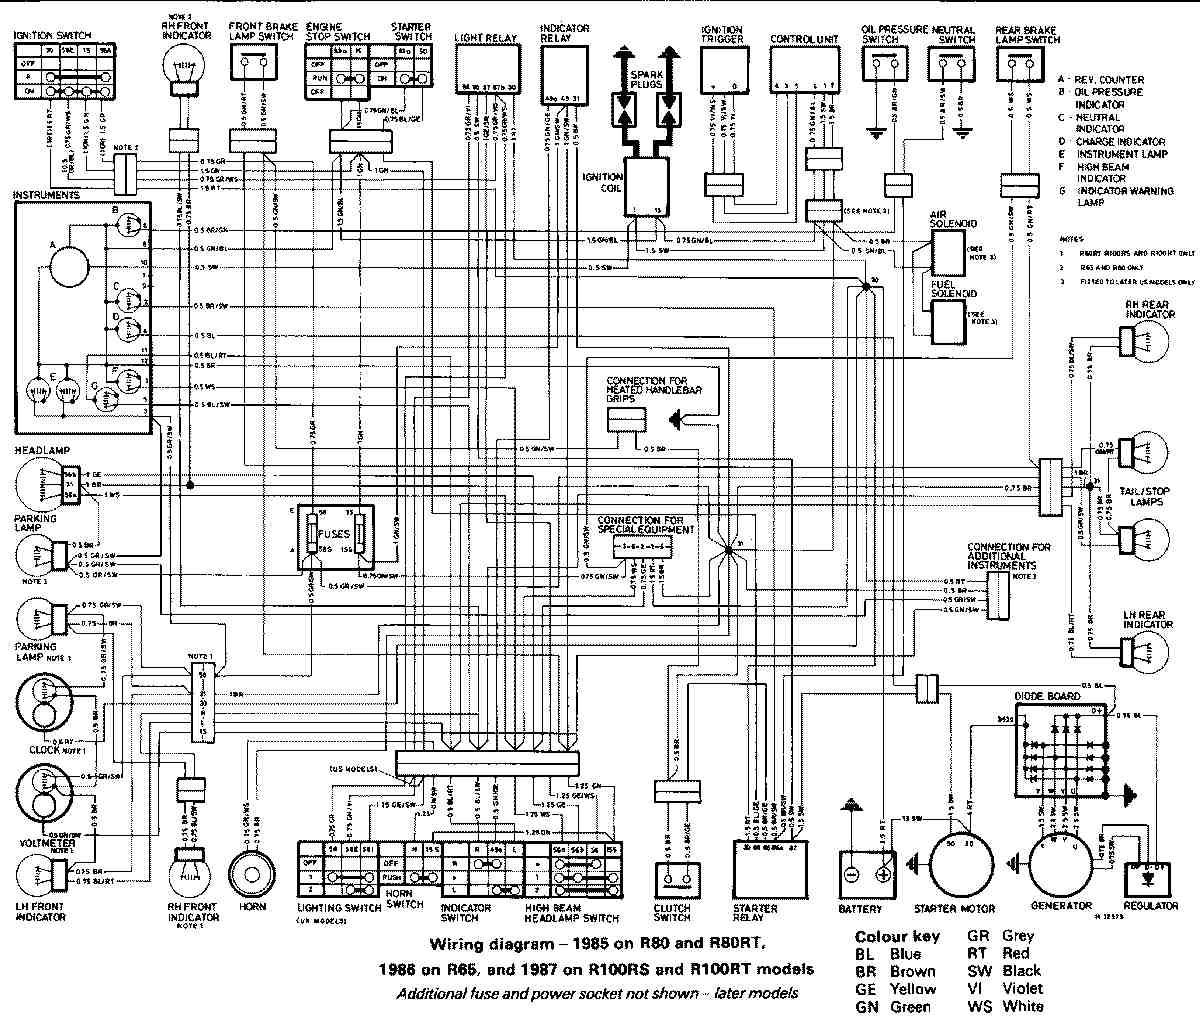 Awesome Suzuki Sx4 Wiring Diagram Elaboration - Wiring Schematics ...